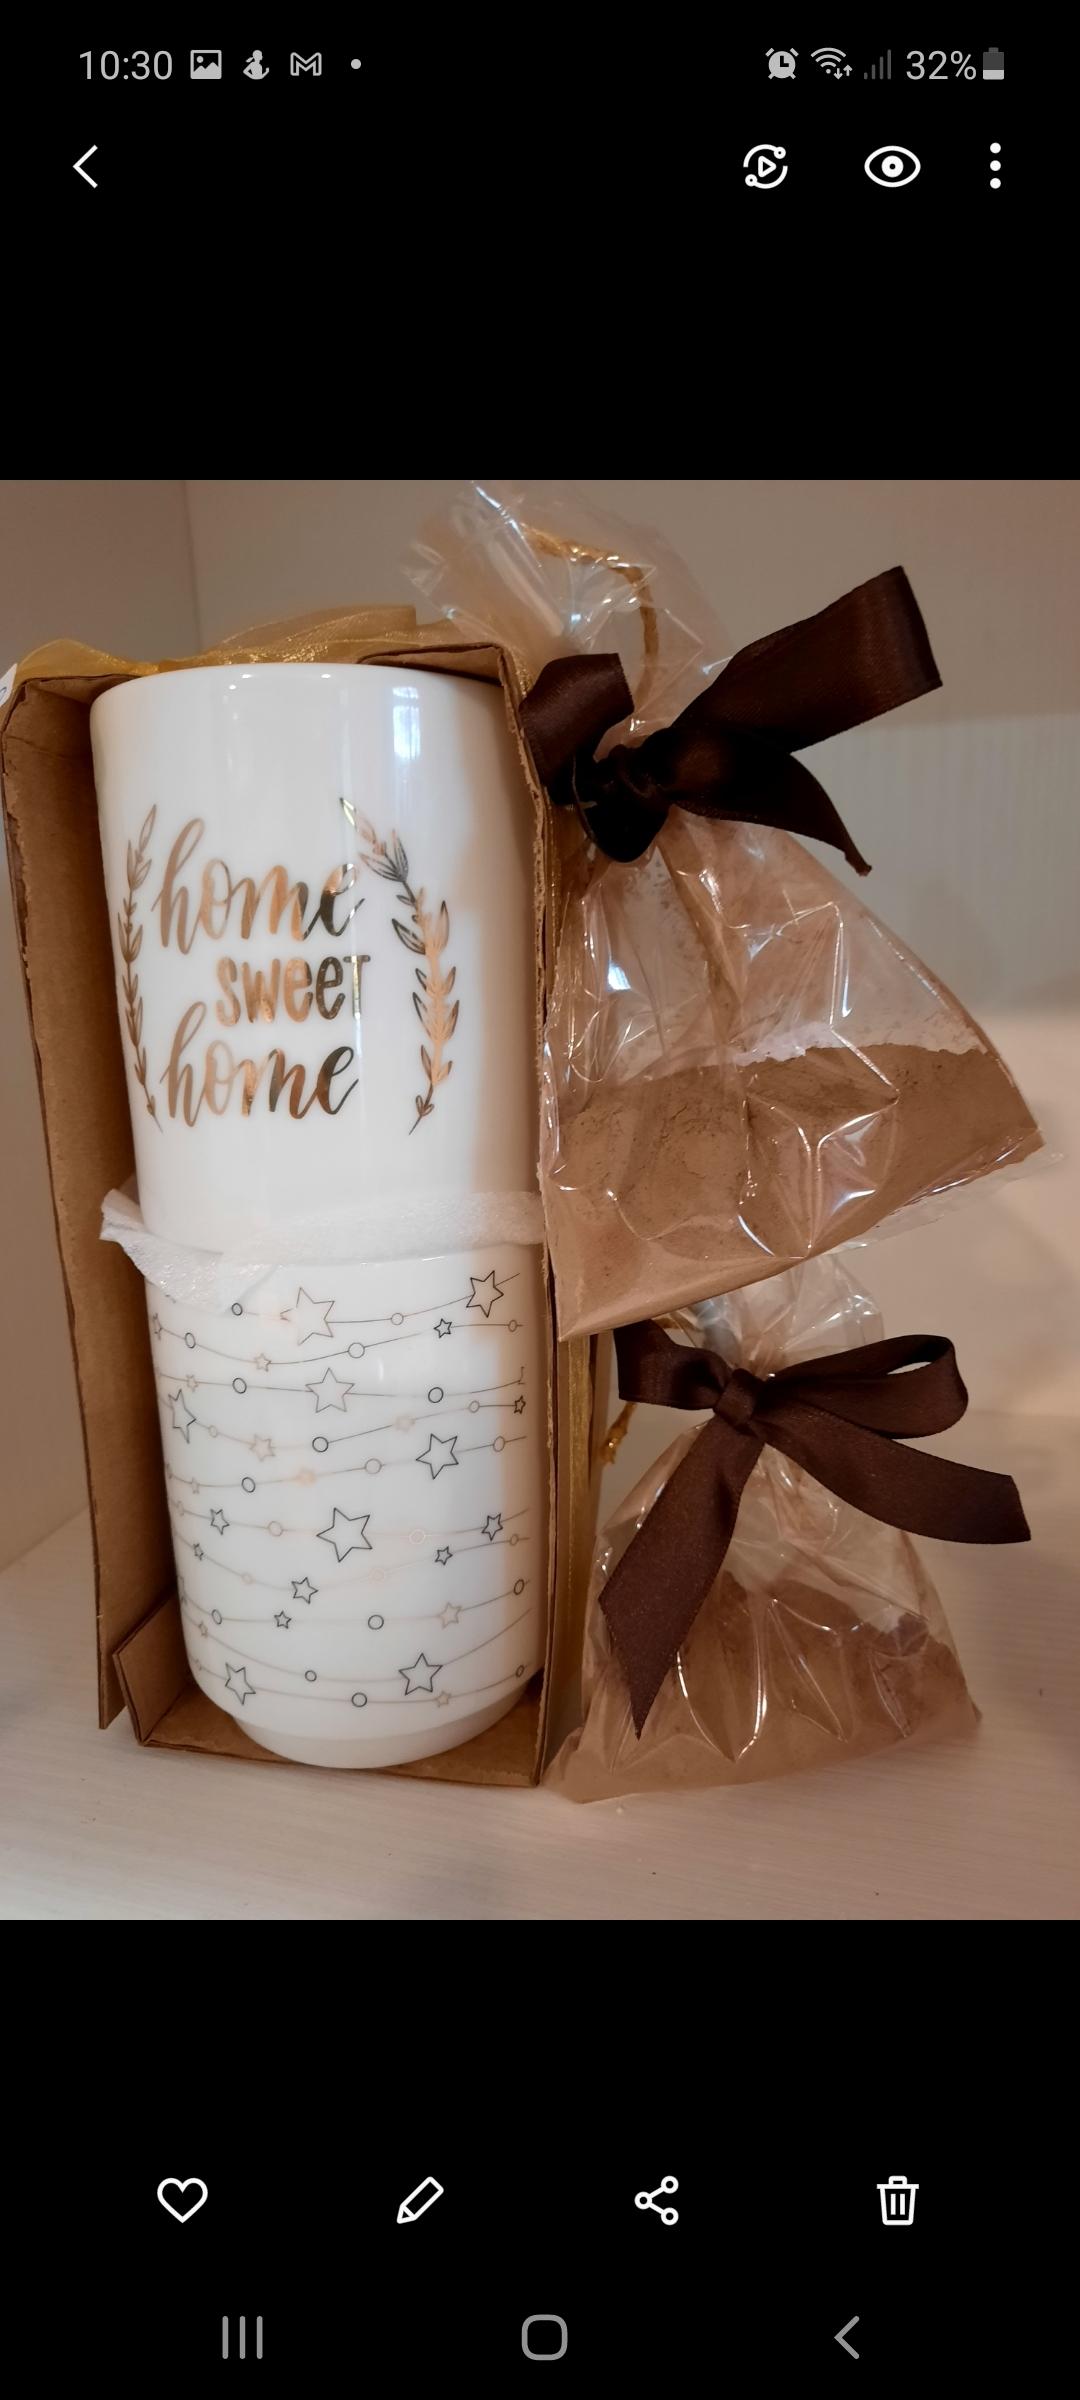 Tazze natalizie con preparato per cioccolata calda